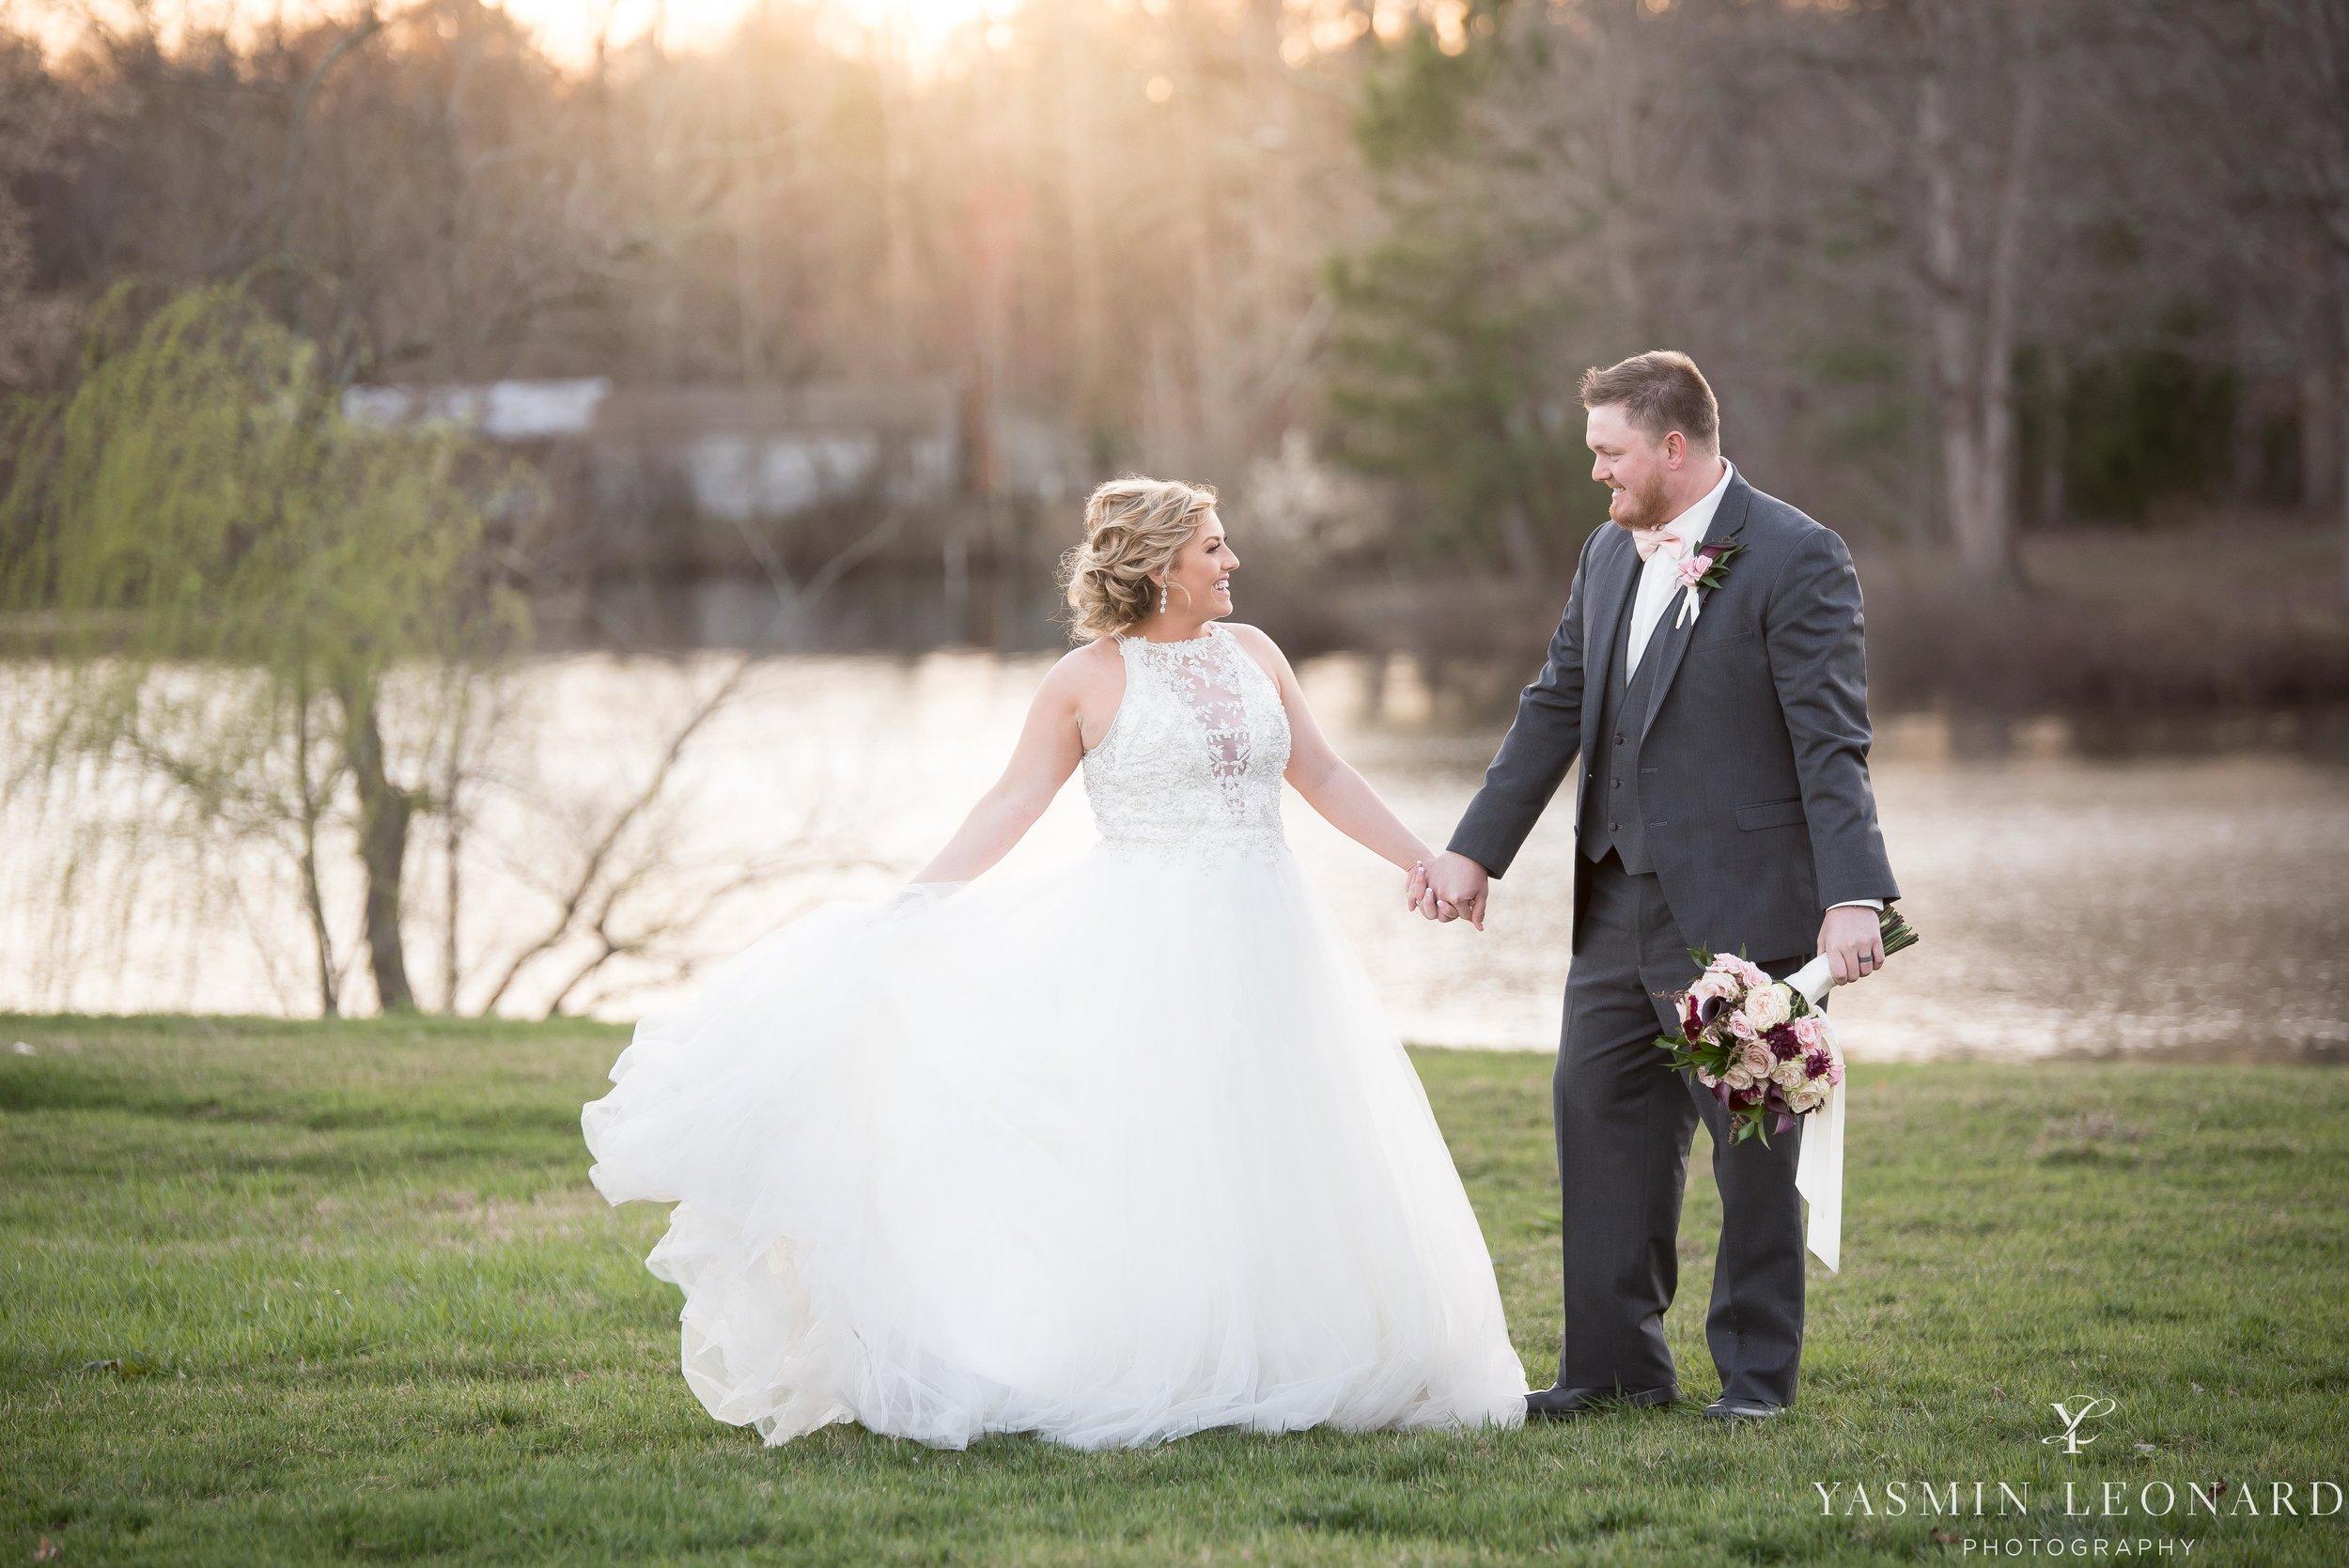 Millikan Farms - Millikan Farms Wedding - Sophia NC Wedding - NC Wedding - NC Wedding Photographer - Yasmin Leonard Photography - High Point Photographer - Barn Wedding - Wedding Venues in NC - Triad Wedding Photographer-65.jpg